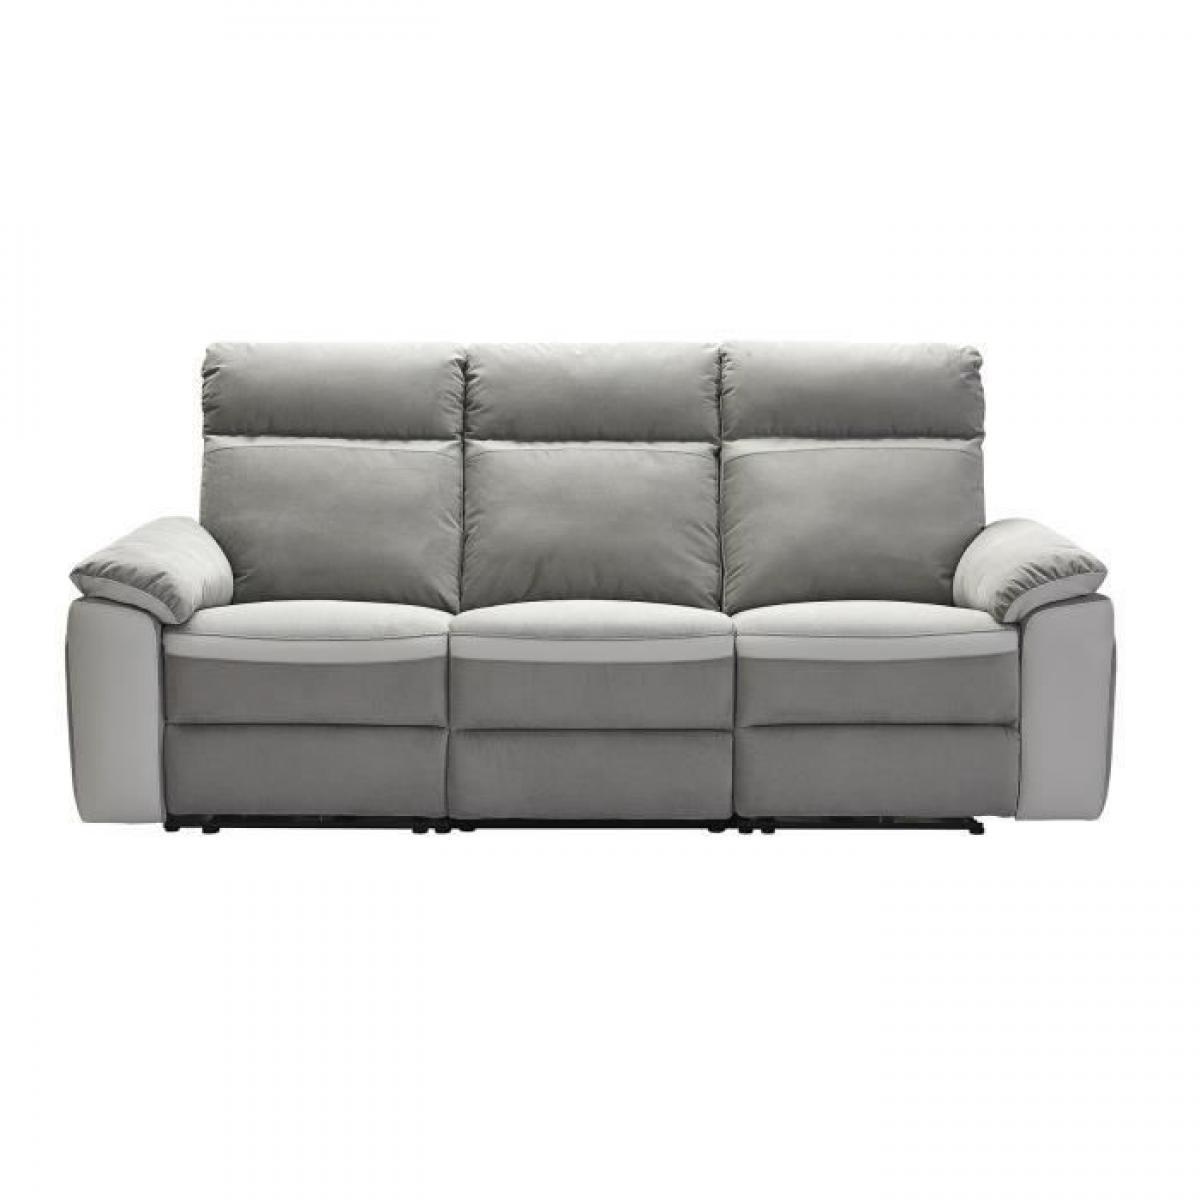 Sans Marque SANTOS Canape 3 places avec 2 assises manuels - Tissu gris et anthracite - L 215 x P 93 x H 99 cm